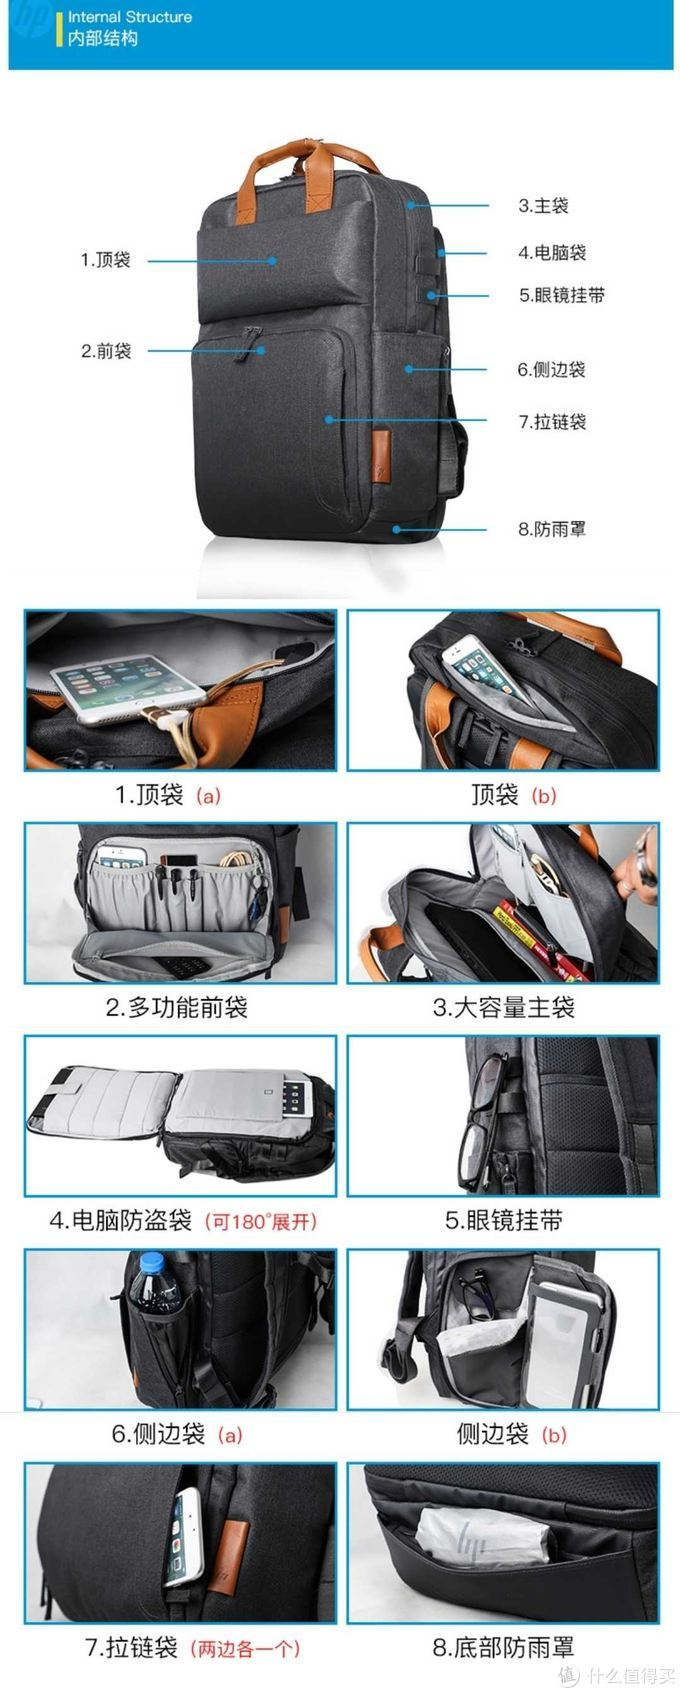 上班狗通勤背包新选择HP惠普ENVY多功能笔记本电脑双肩包